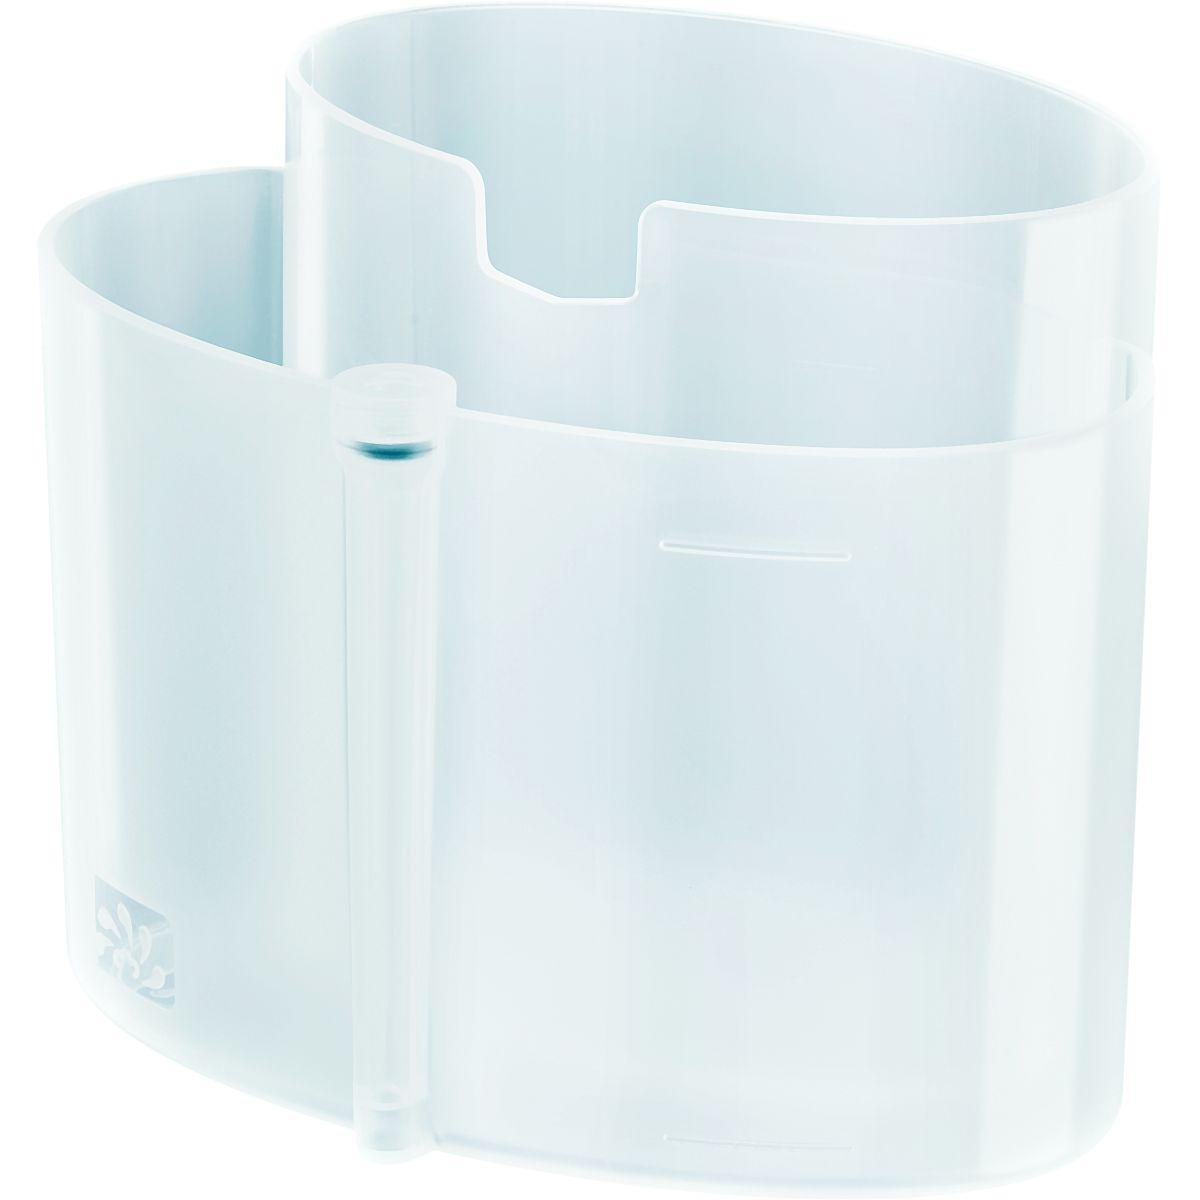 R�cipient jura pour nettoyage syst�me de lait - livraison offerte : code livrelais (photo)